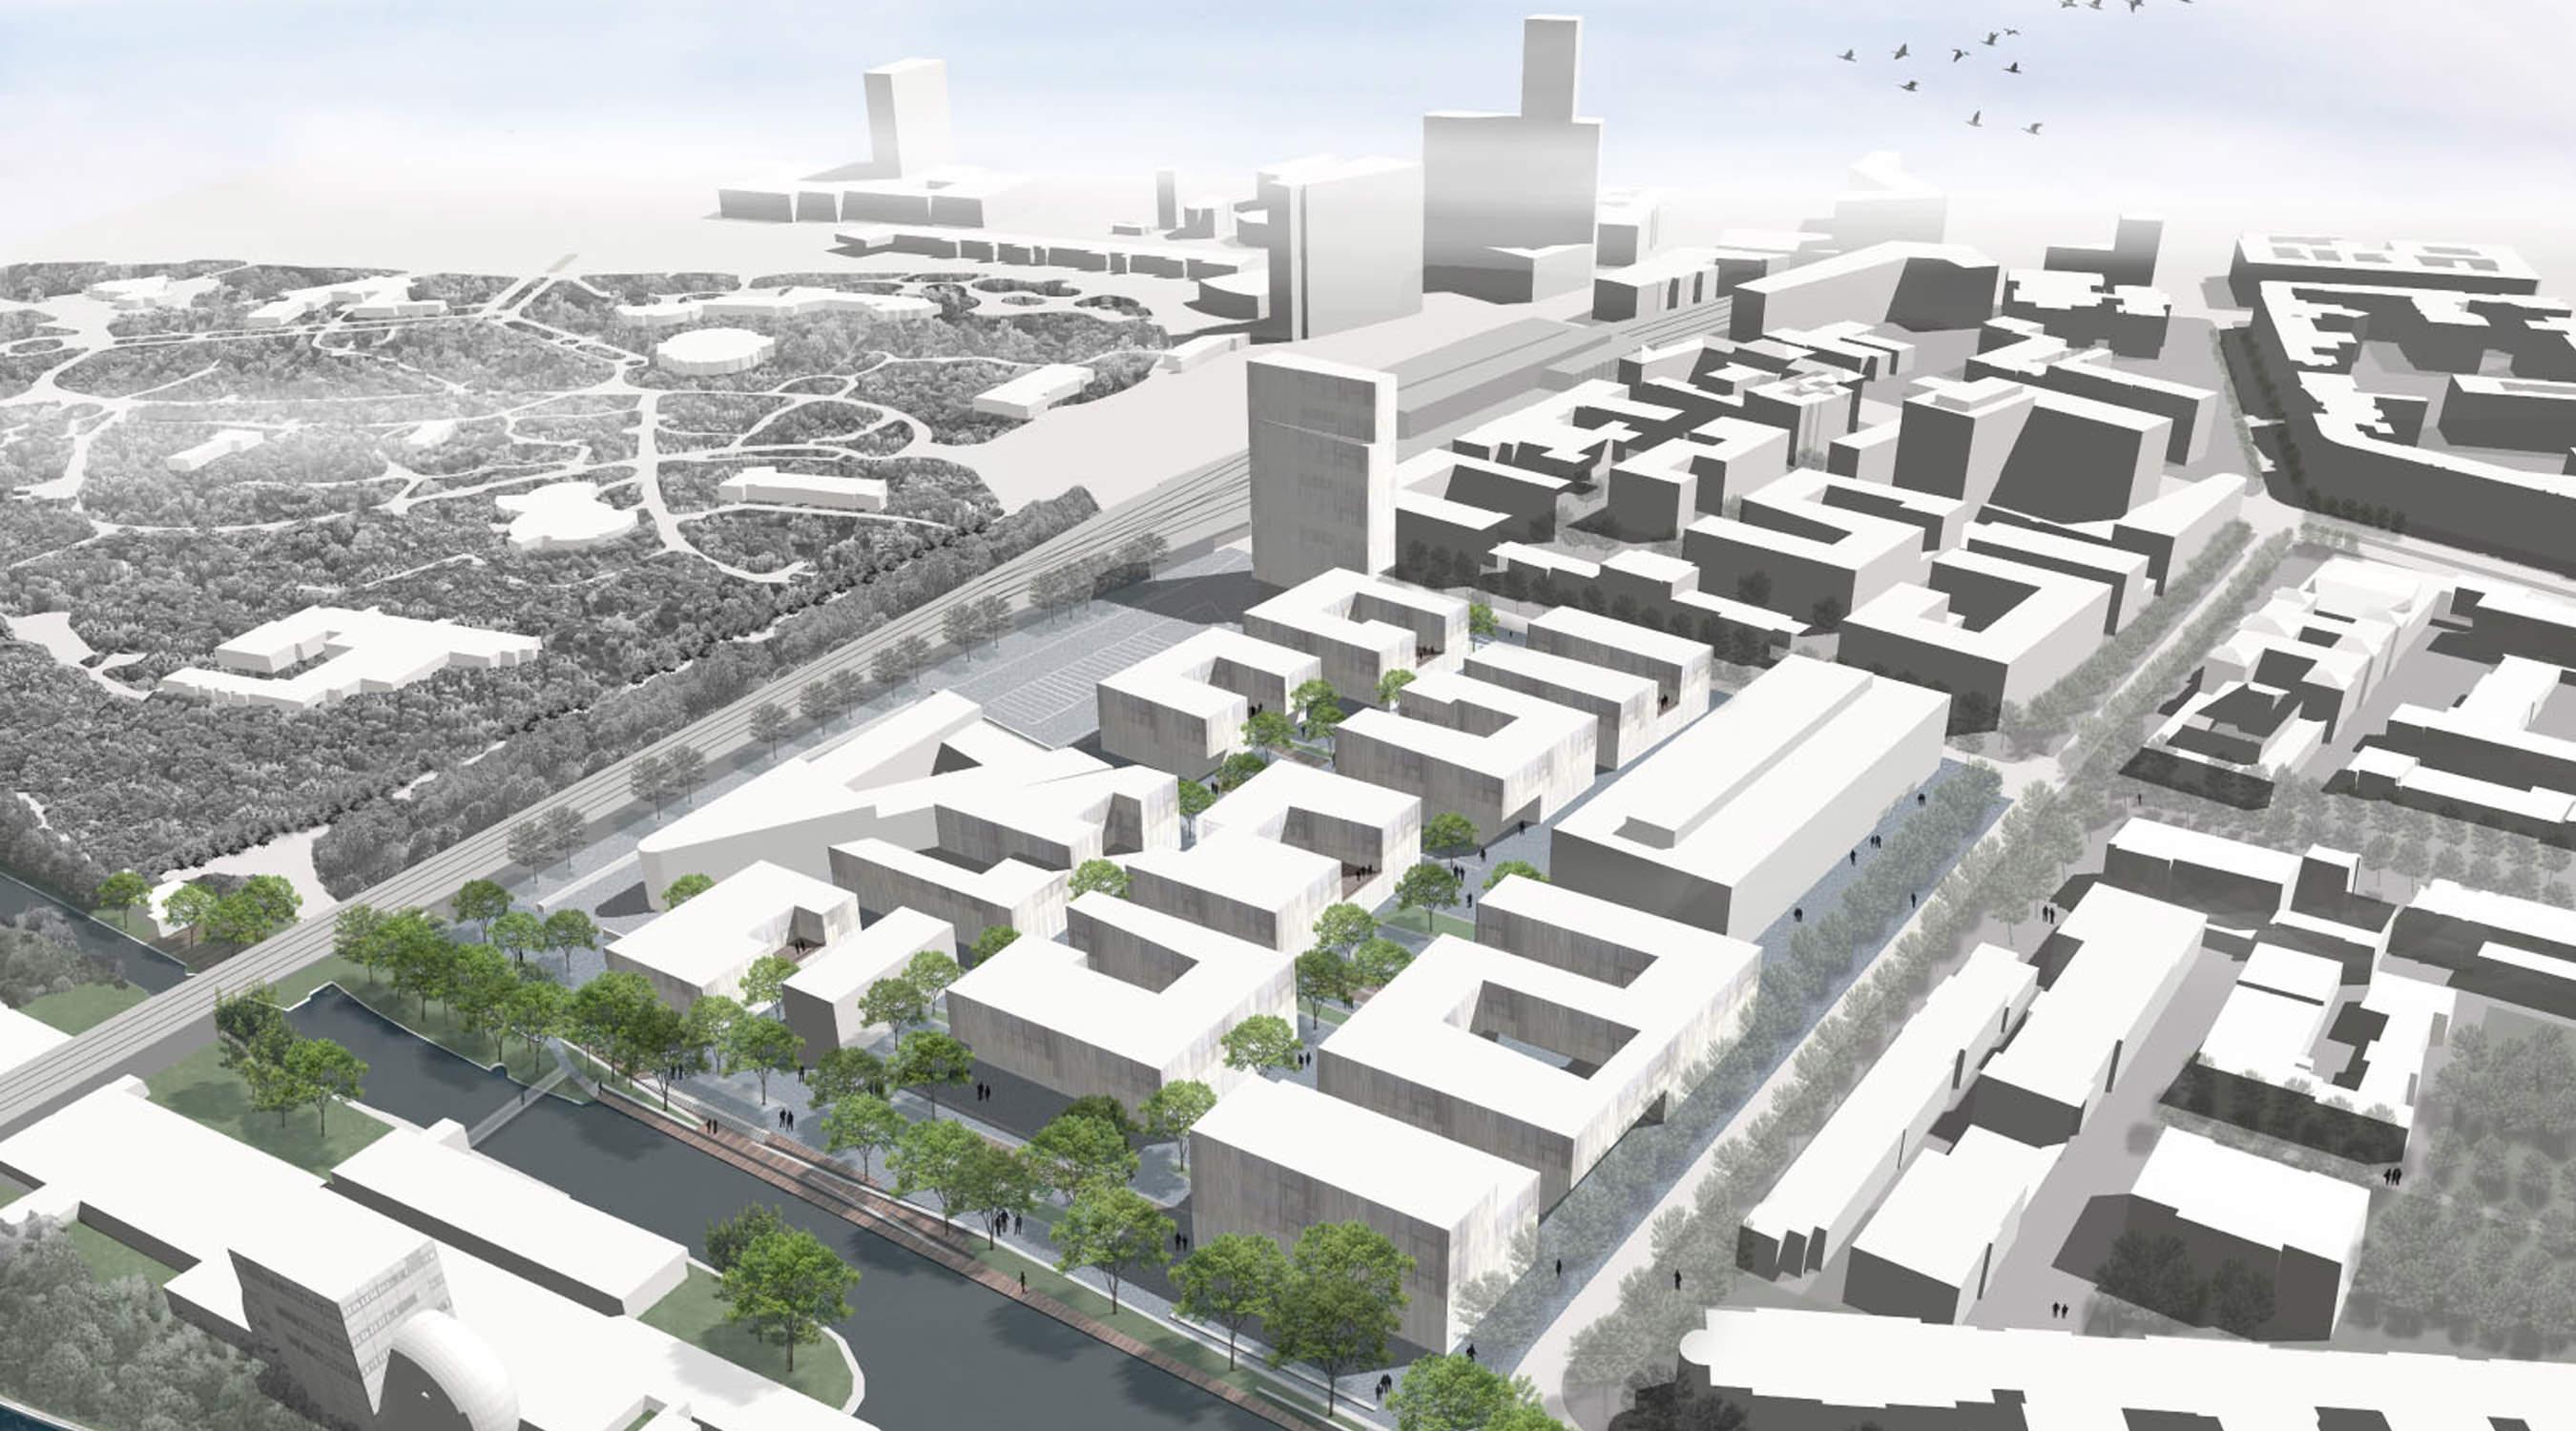 Erweiterung Campus-West TU Berlin Vogeperspektive